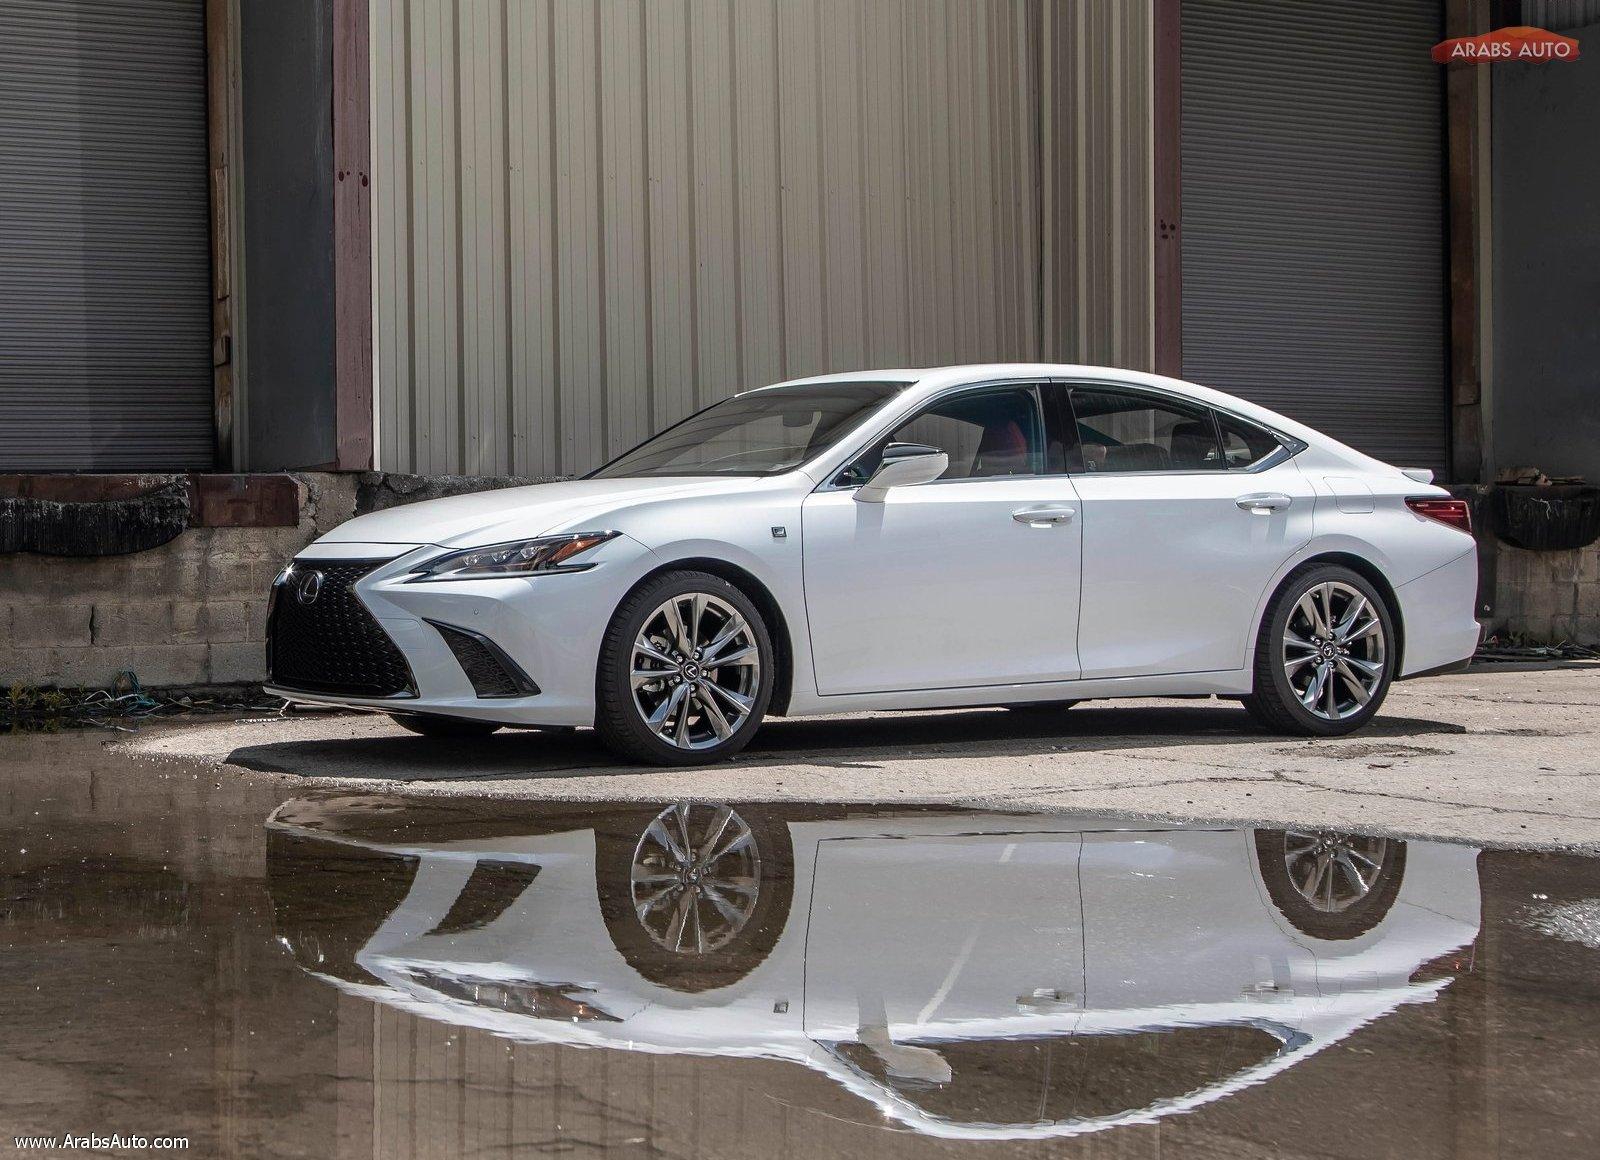 Lexus ES (2019) ArabsAuto 11 | Arabs Auto